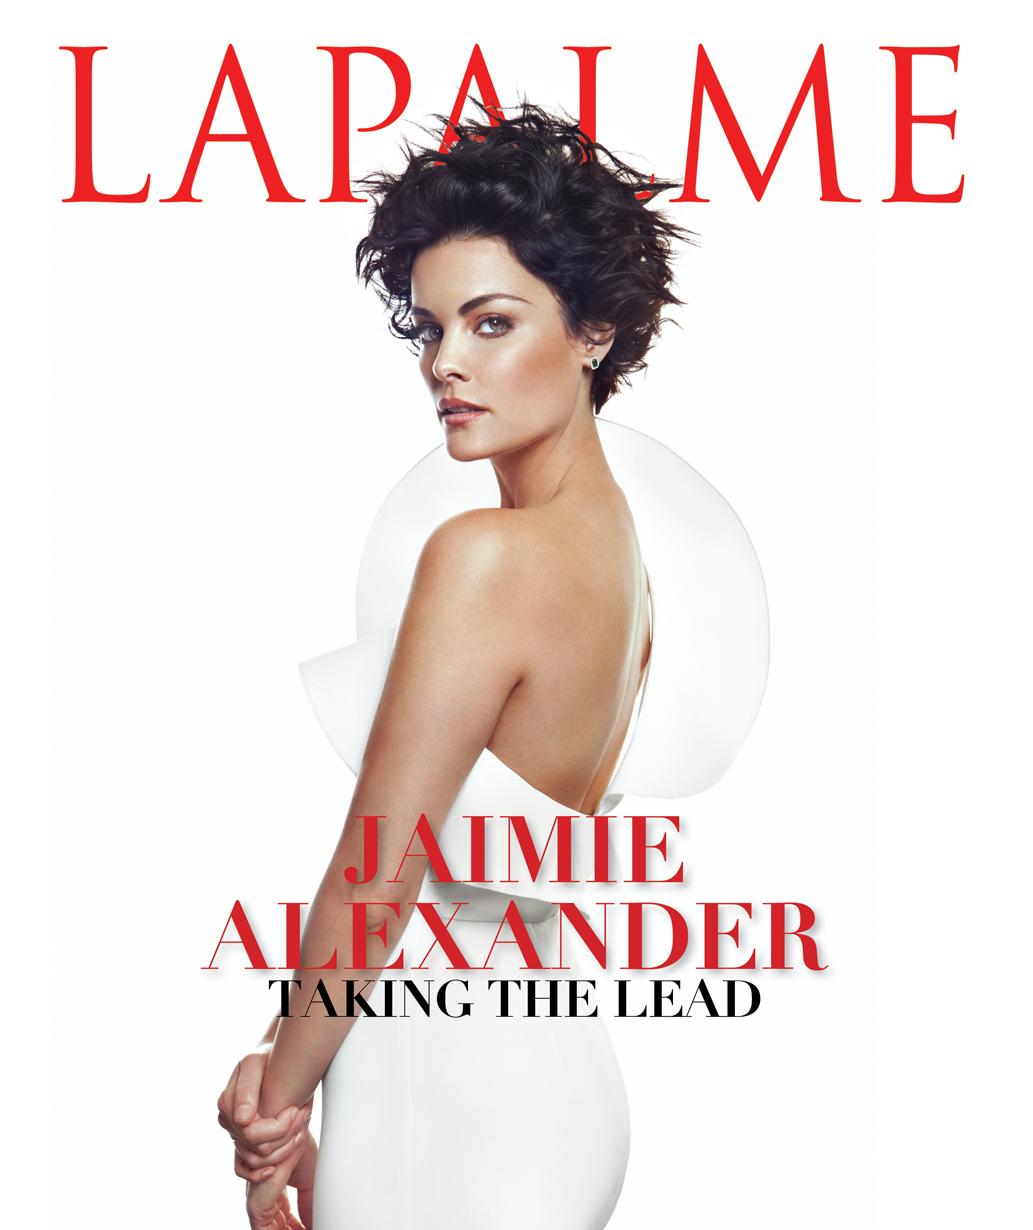 _jaimie_alexander_cover_lapalme_2016.jpg